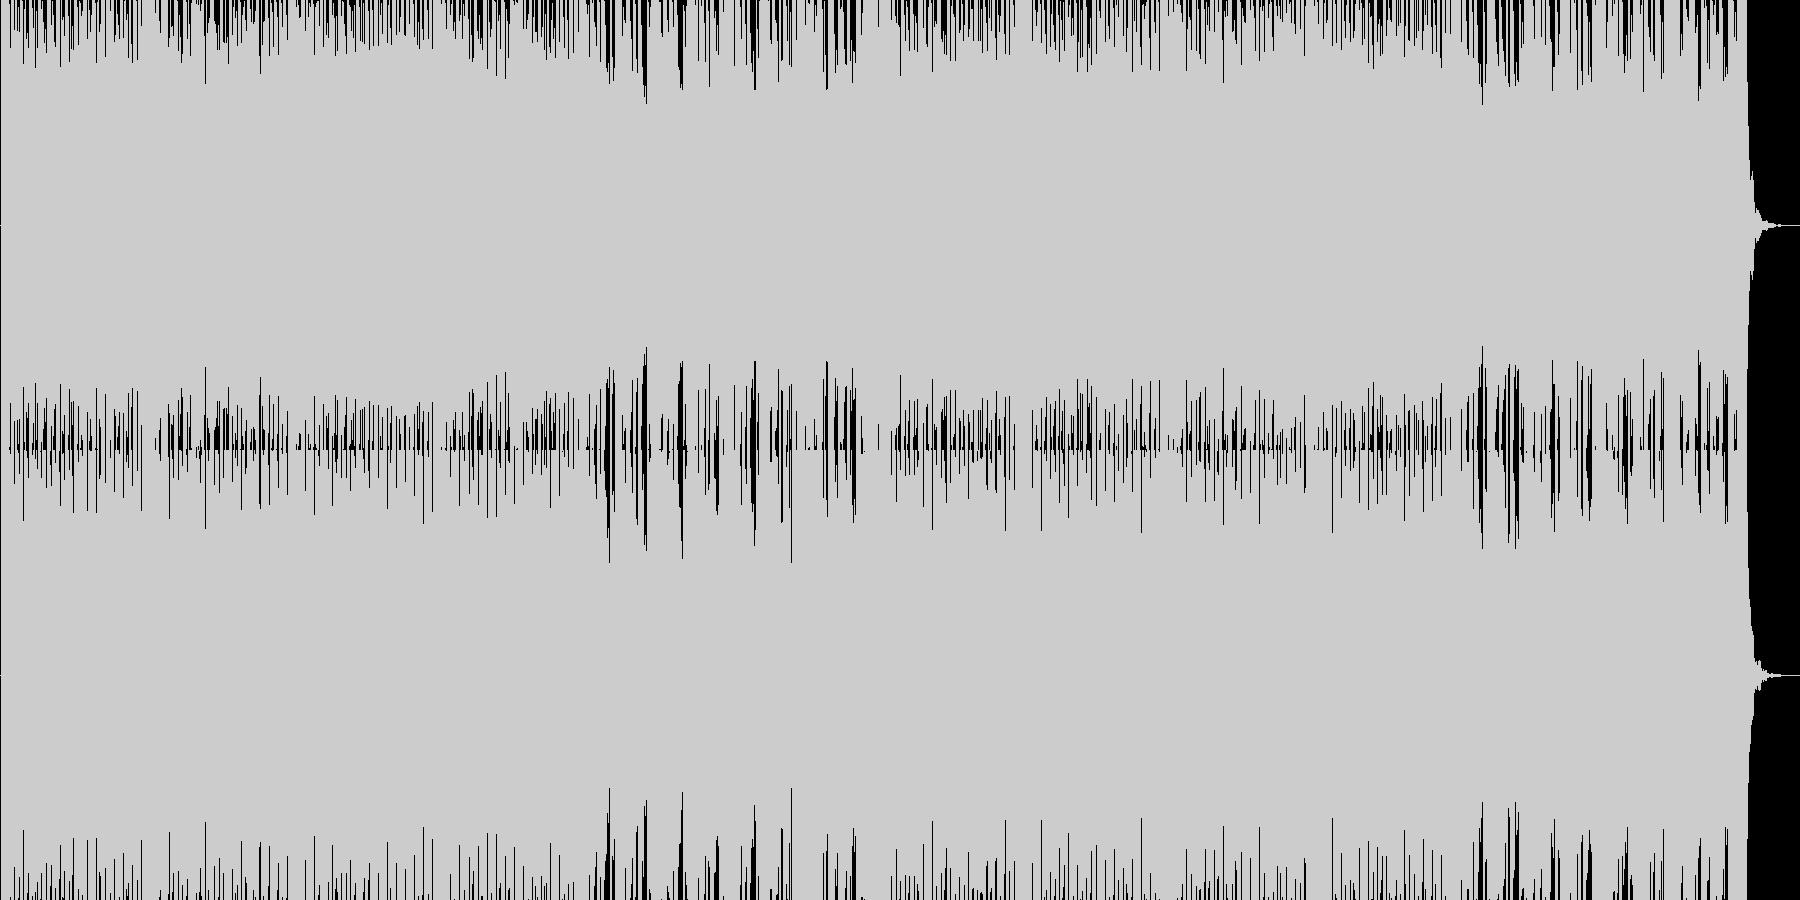 ゲームのセレクト画面を想定したテクノ系…の未再生の波形